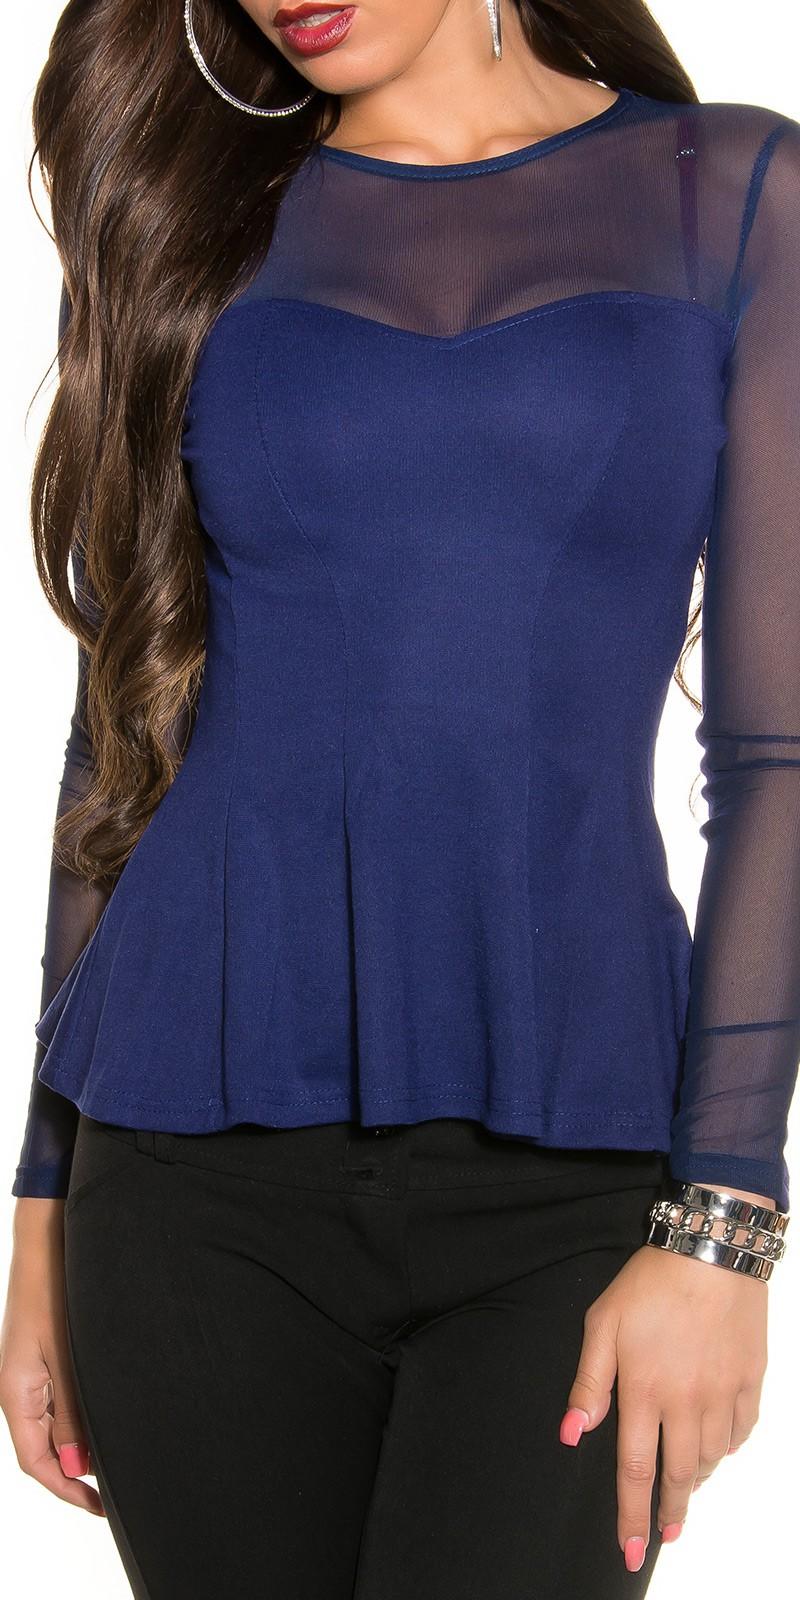 Bluze de ocazie dama transparent cu volanase